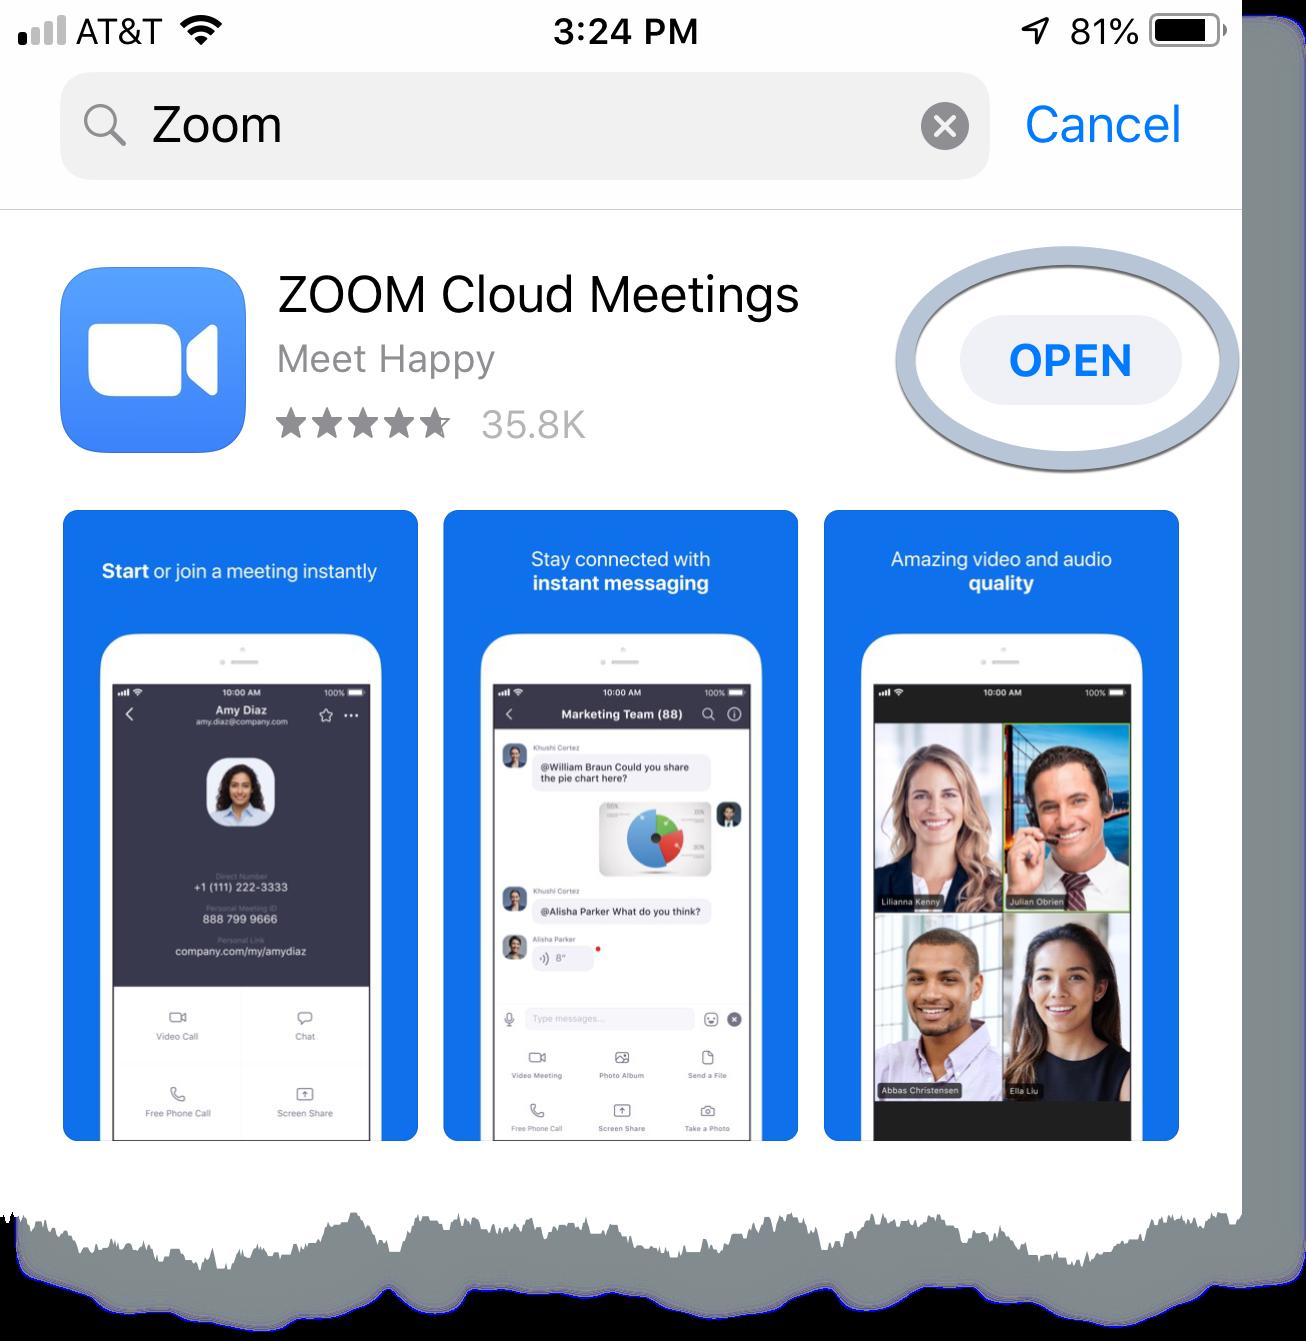 Zoom платформа обучения для учеников и студентов - регистрация, установка и инструкция по работе